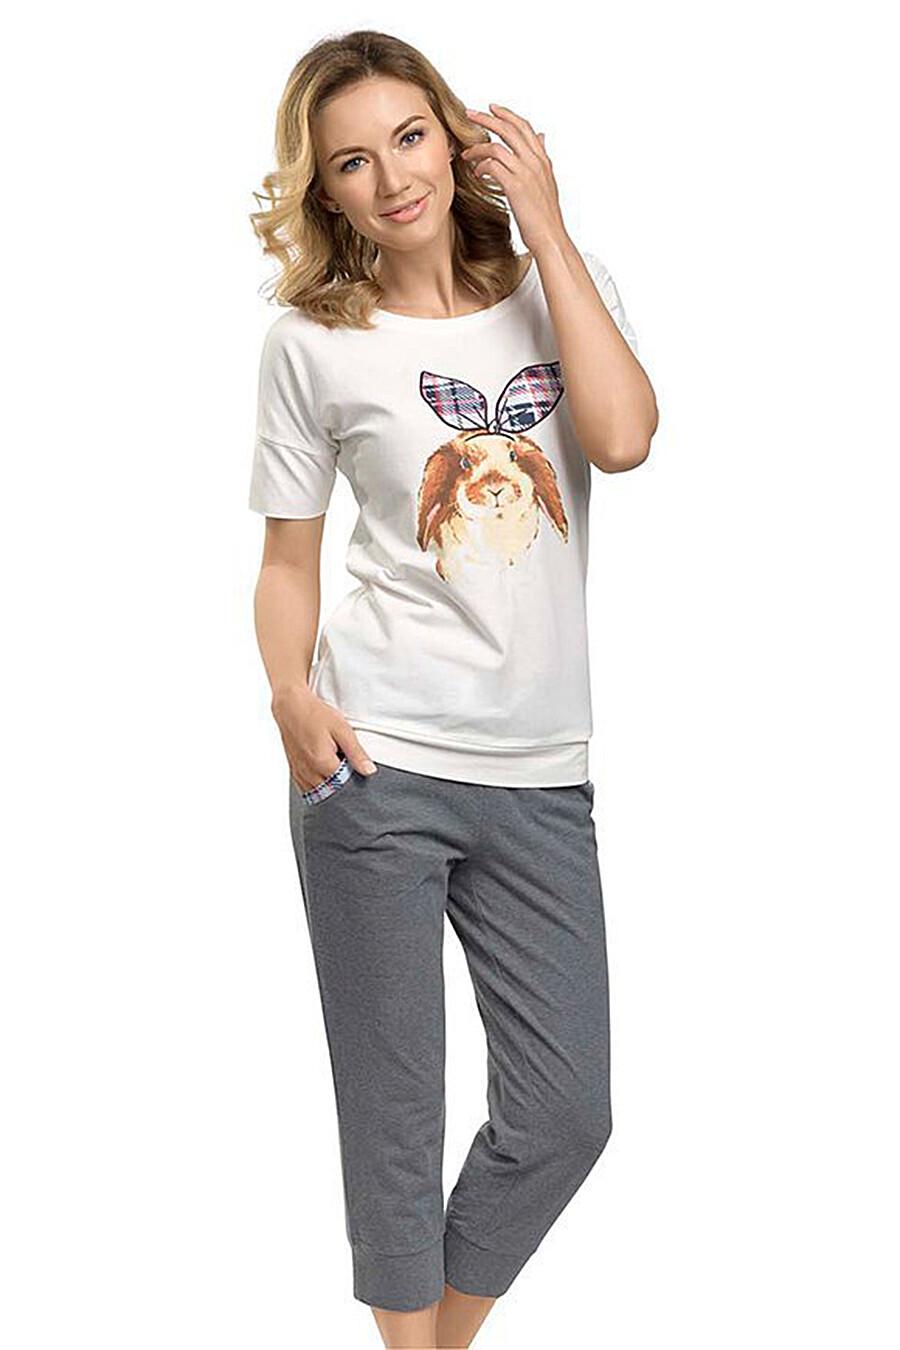 Пижама (Футболка+Брюки) для женщин PELICAN 111395 купить оптом от производителя. Совместная покупка женской одежды в OptMoyo